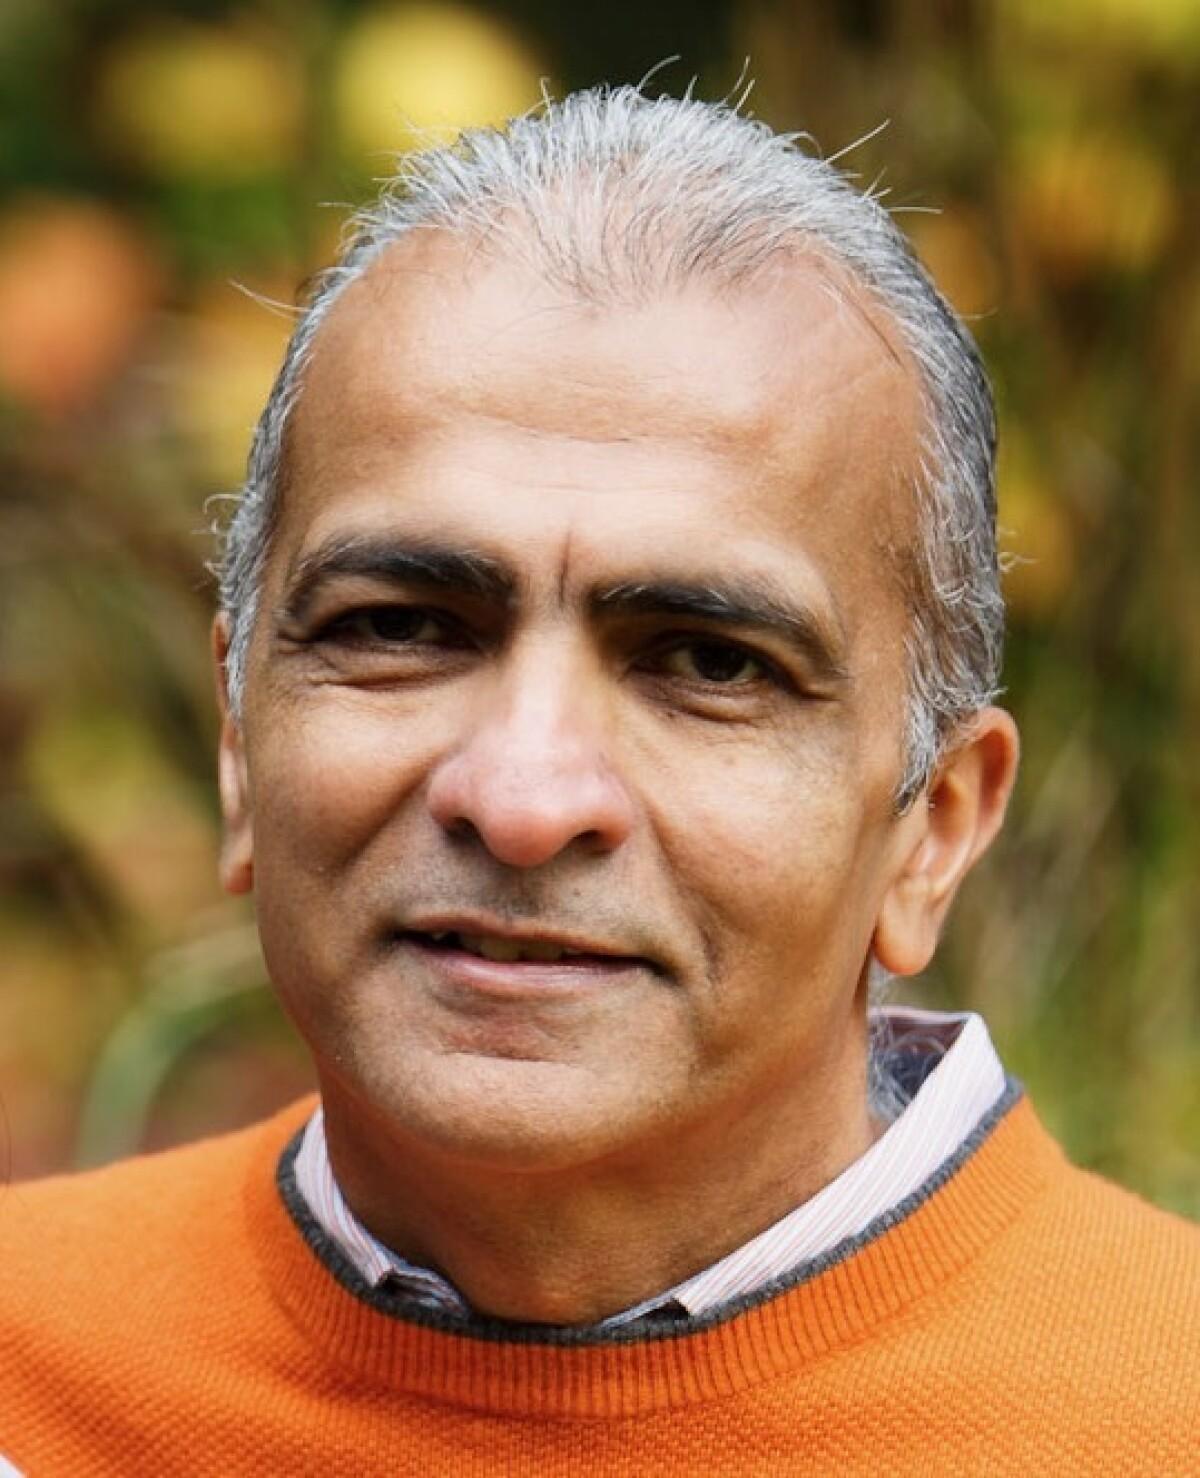 Shehzad Mevawalla